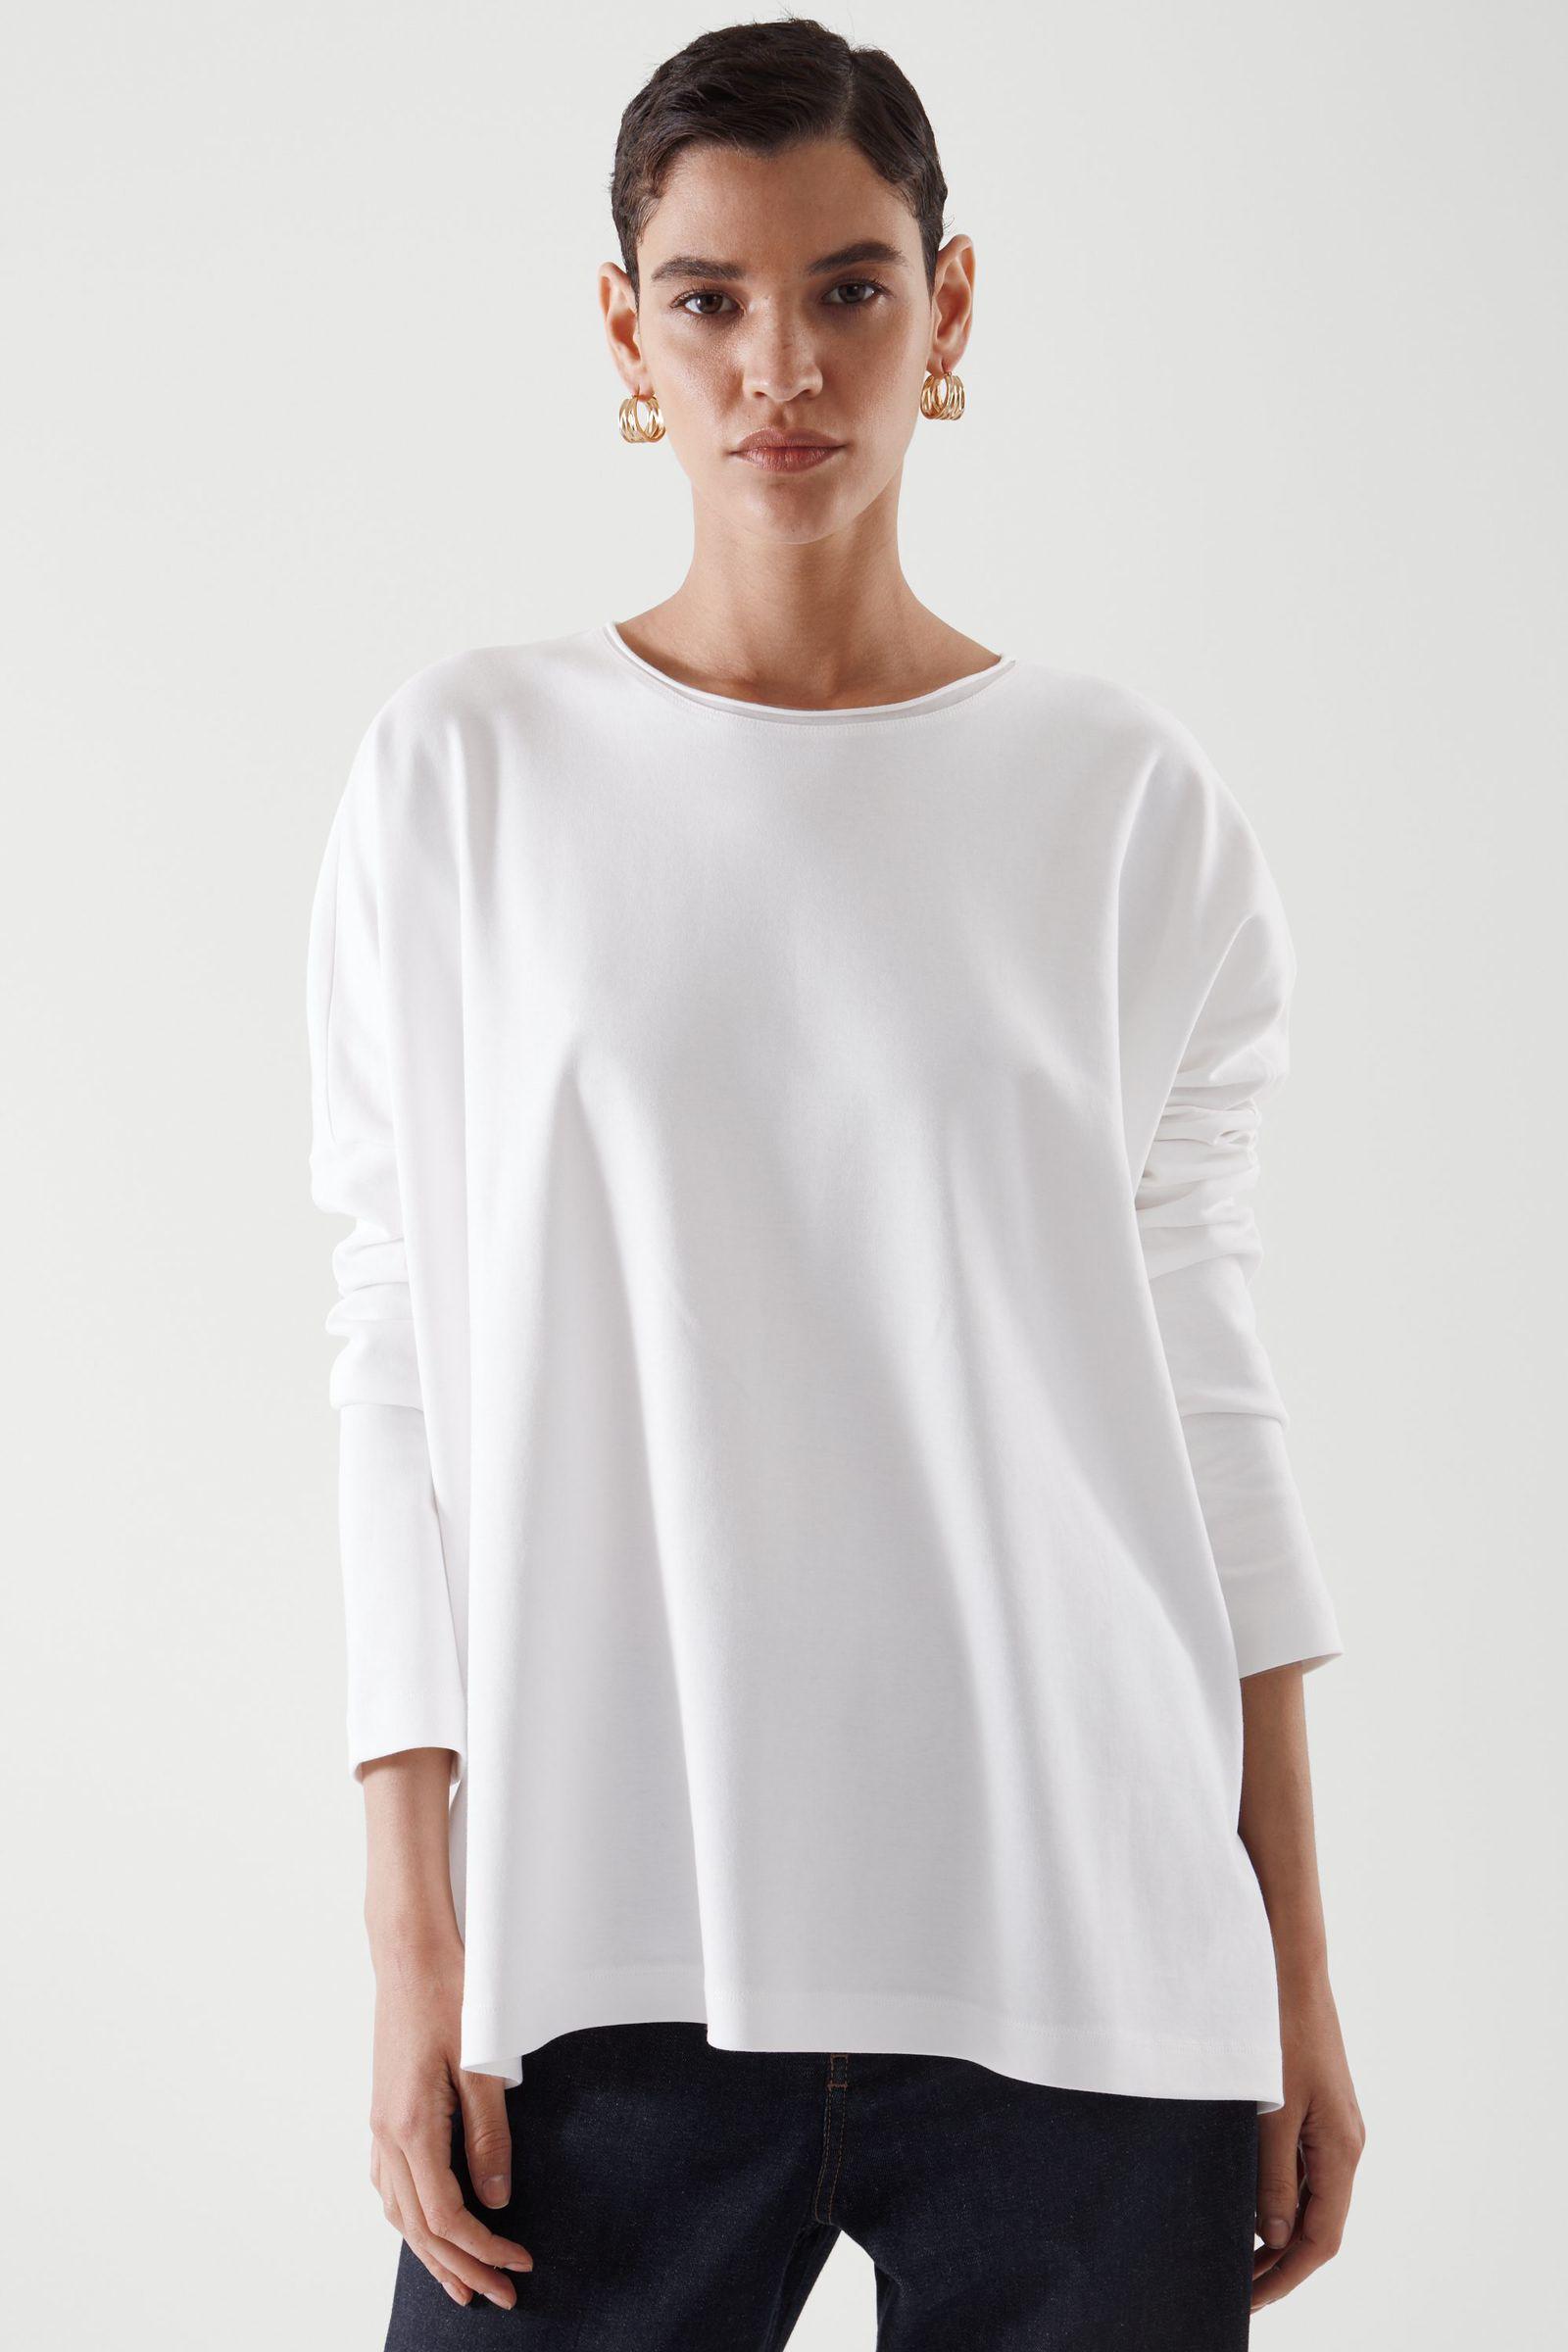 COS 롱 슬리브 티셔츠의 화이트컬러 ECOMLook입니다.